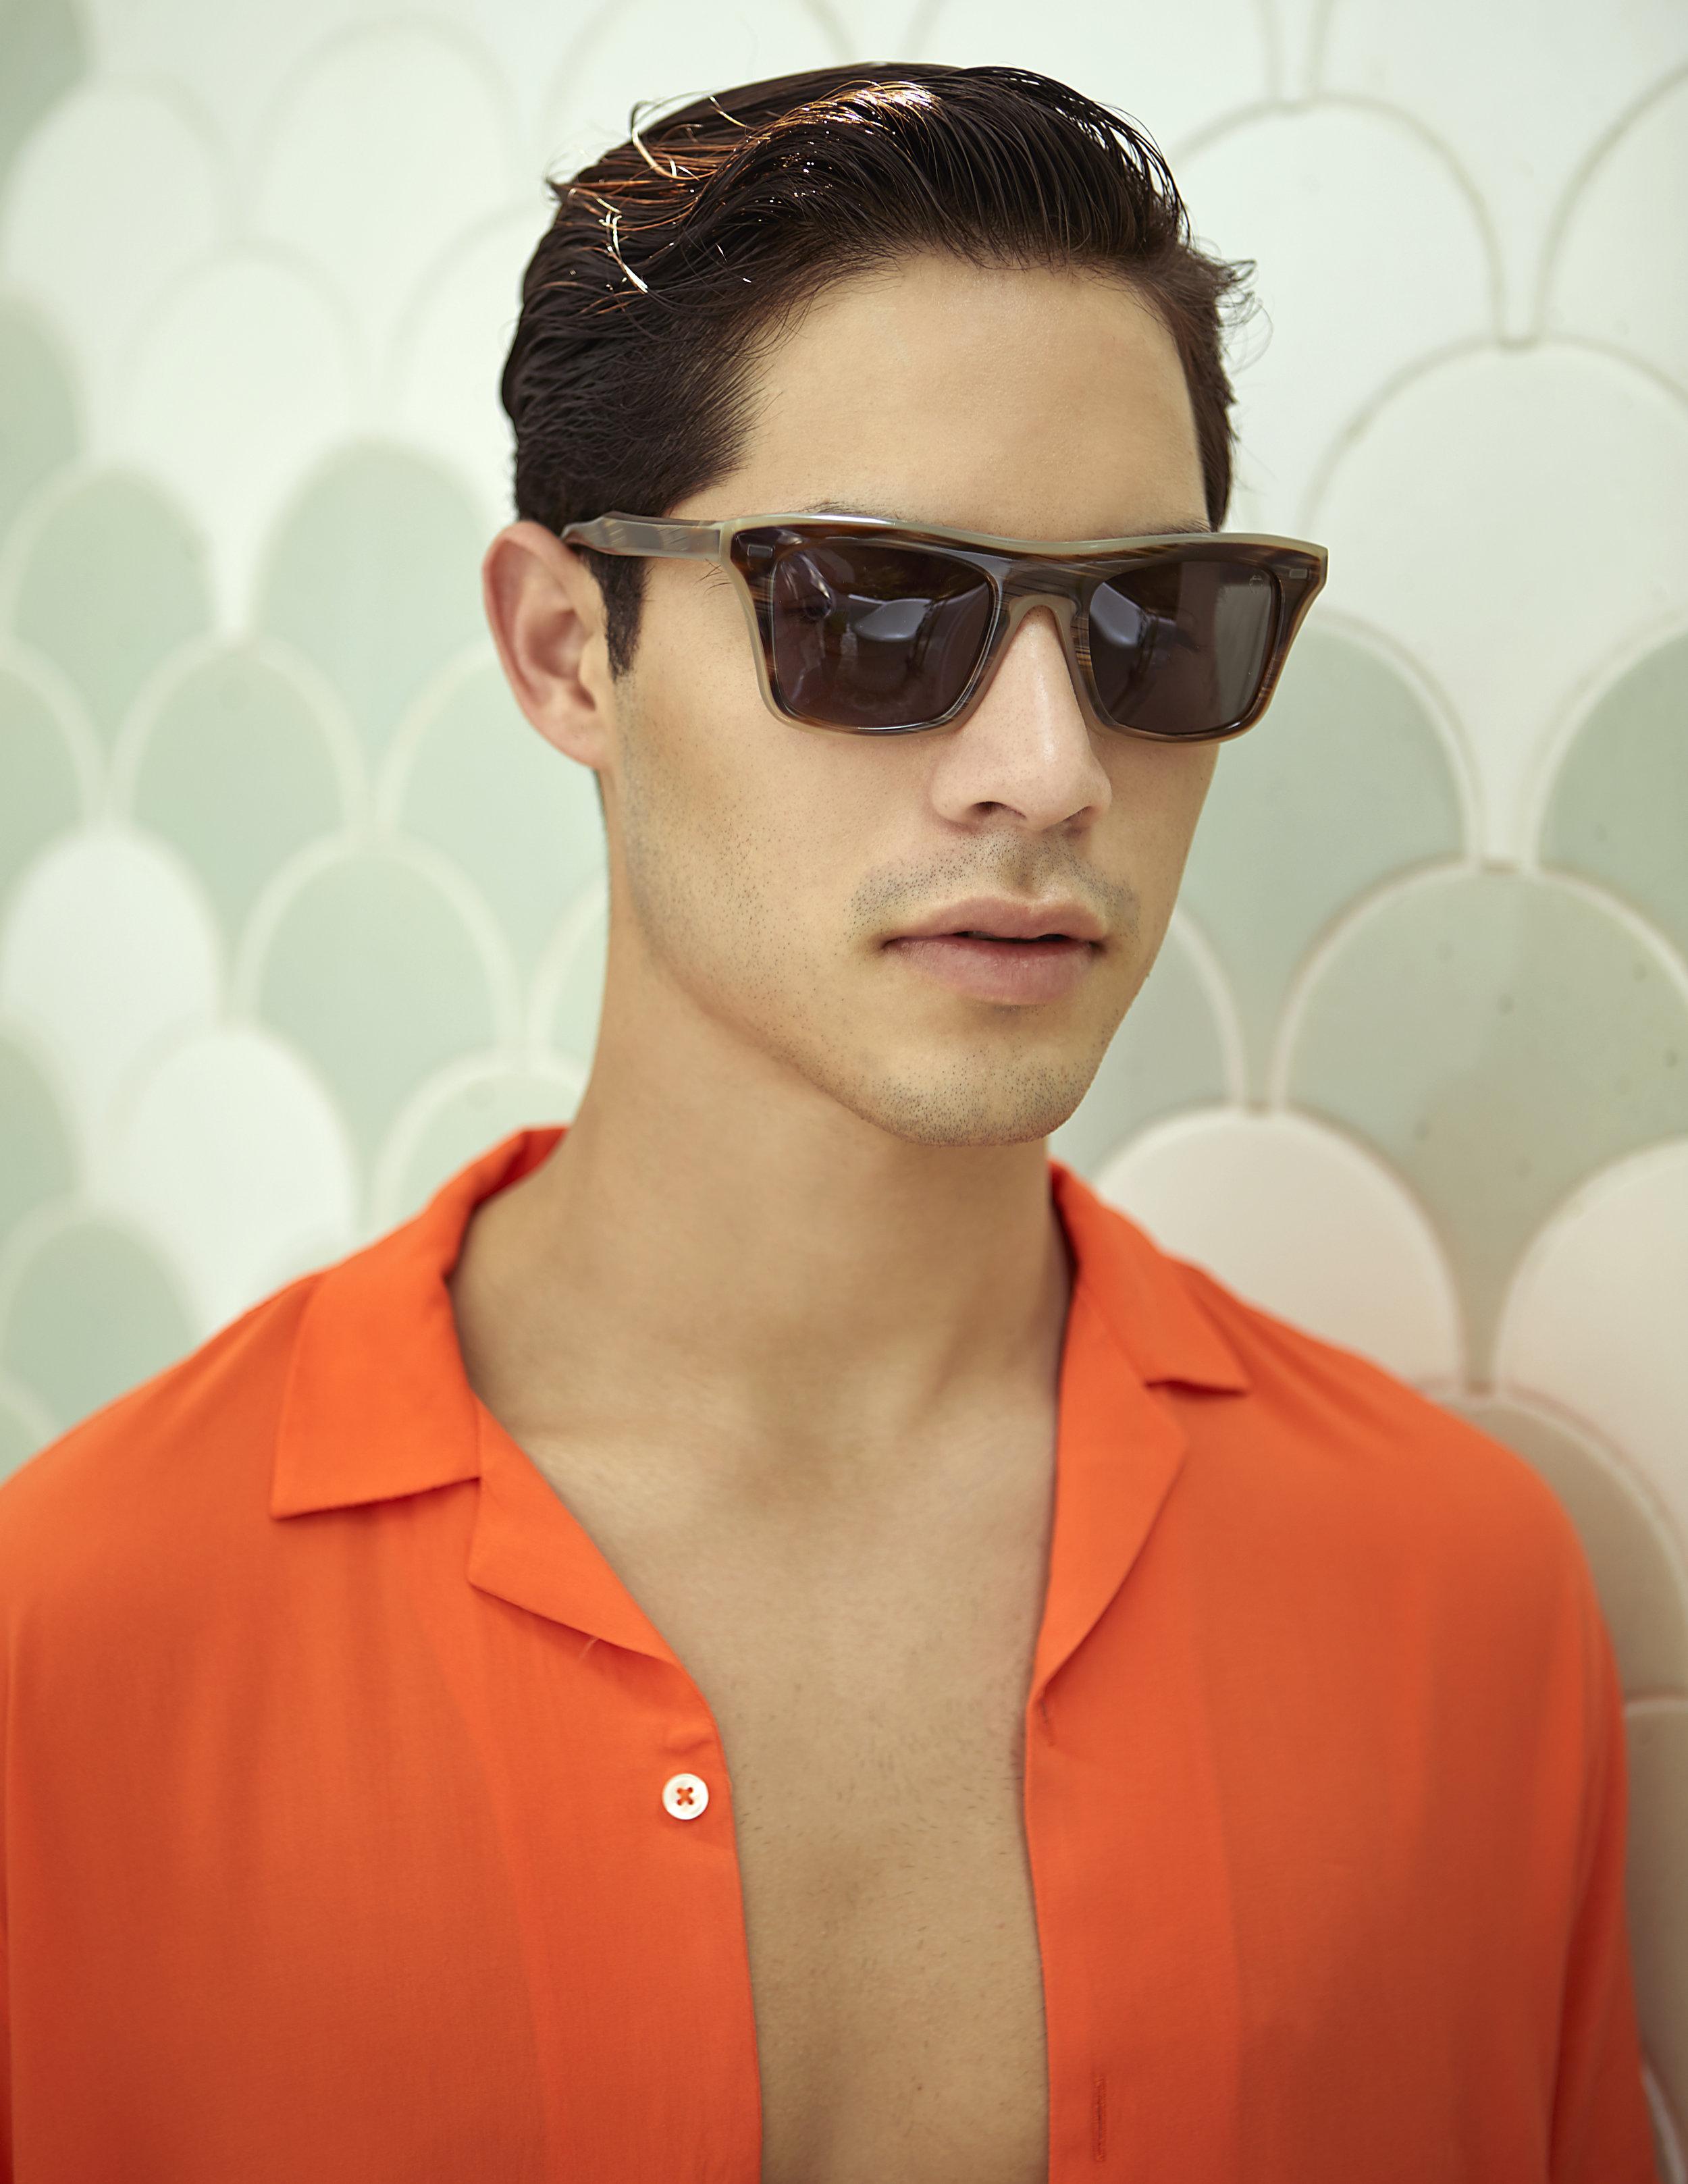 sunglasses : Blake Kuwahara